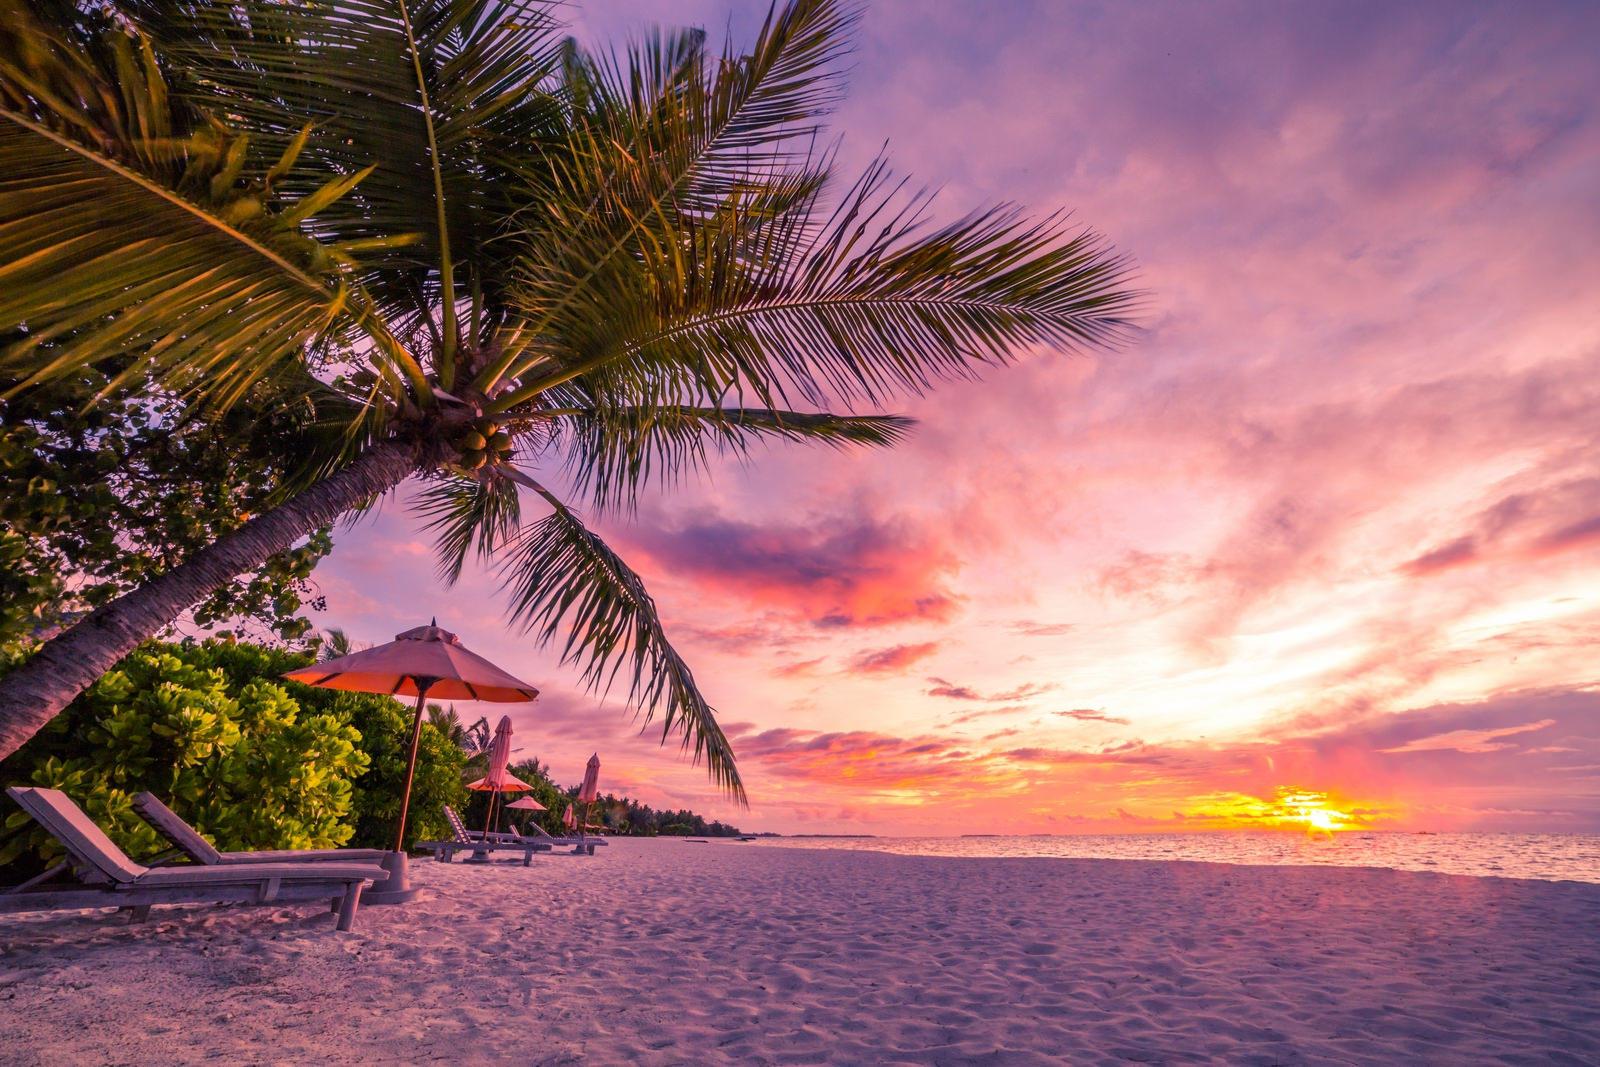 обои море, пляж, пальмы, закат картинки фото